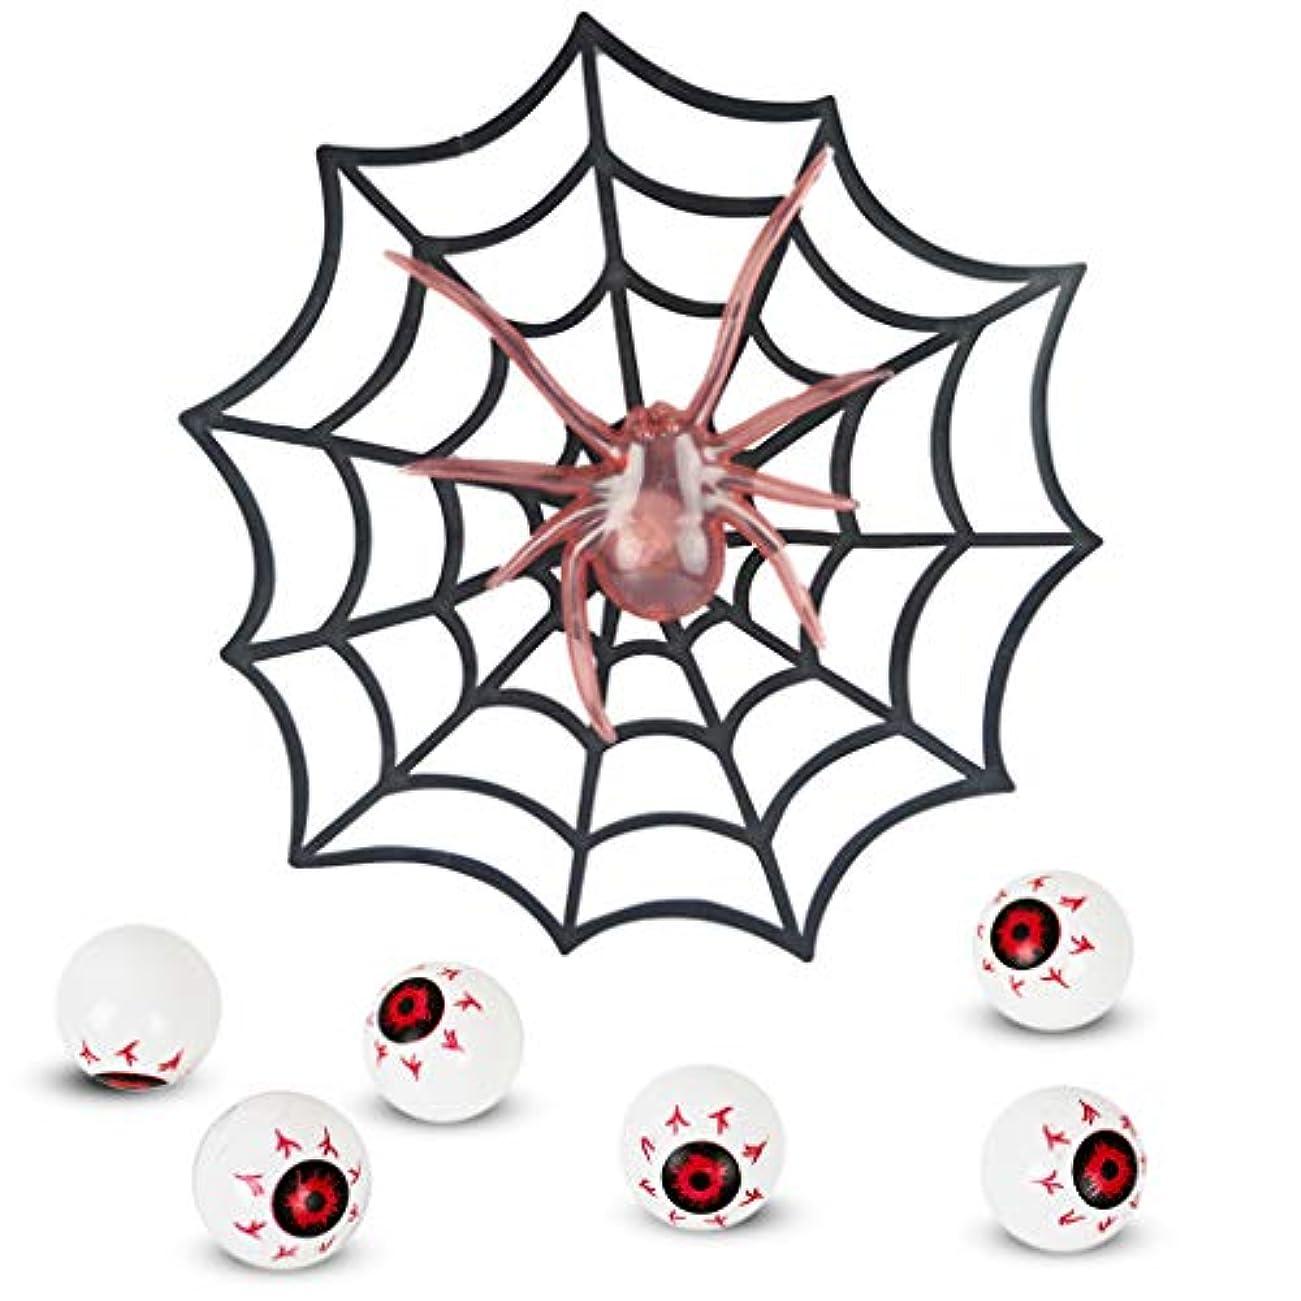 並外れて踏み台シリアルJiaxingo ハロウィン くも キャンディーボックス おもちゃ 光る 7個セット クモの巣 ハロウィーンデコレーション パーティーの装飾 プチギフト お祭り 景品 プレゼント